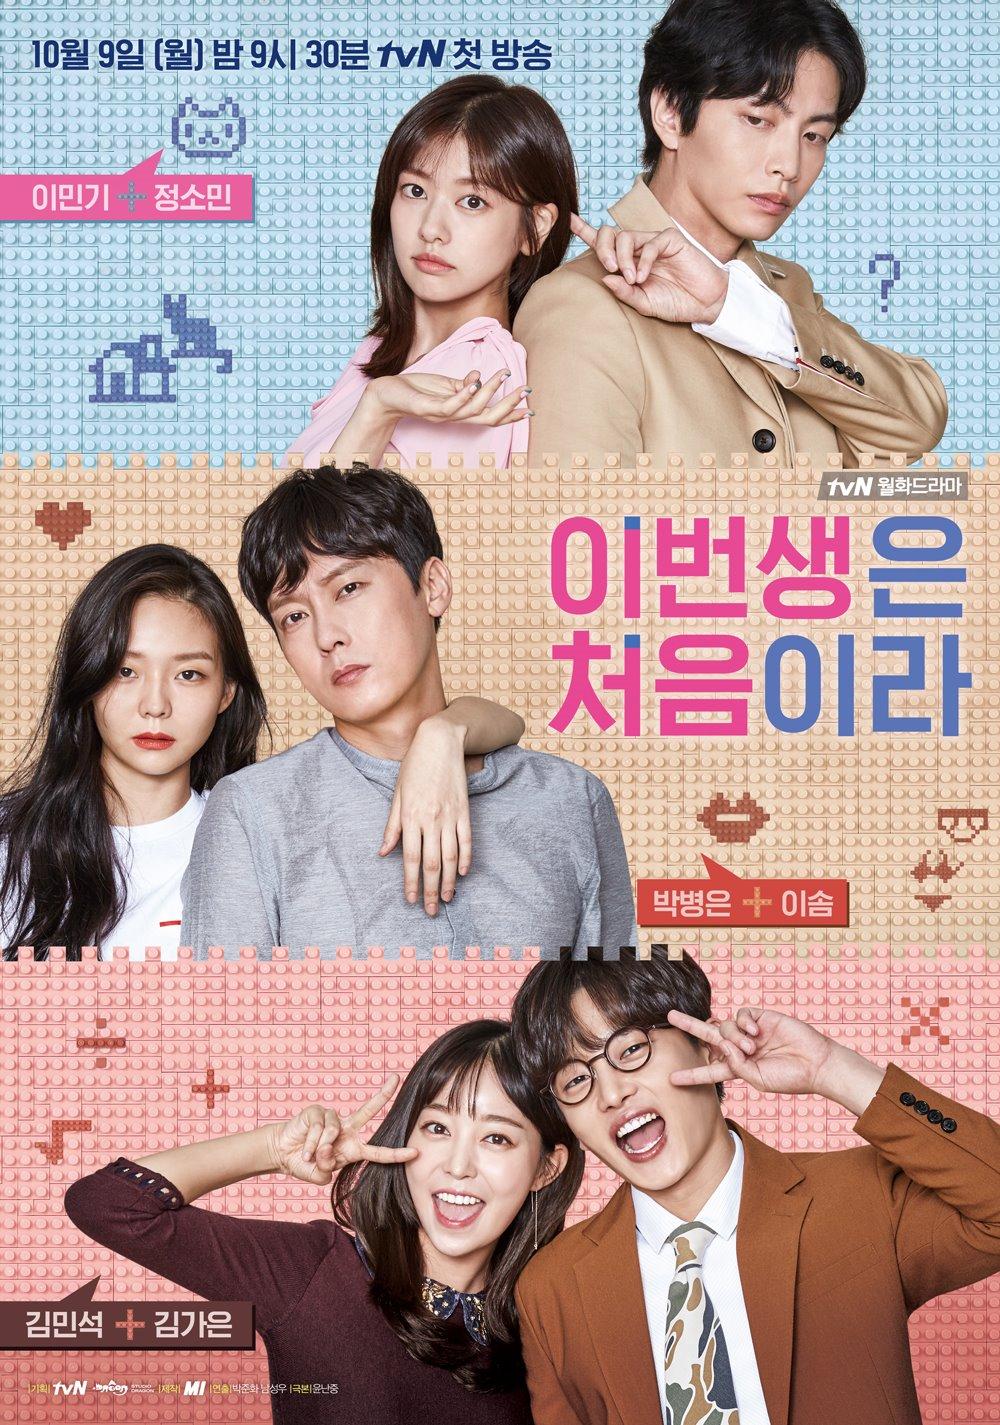 韓国ドラマ「この人生は初めてなので」